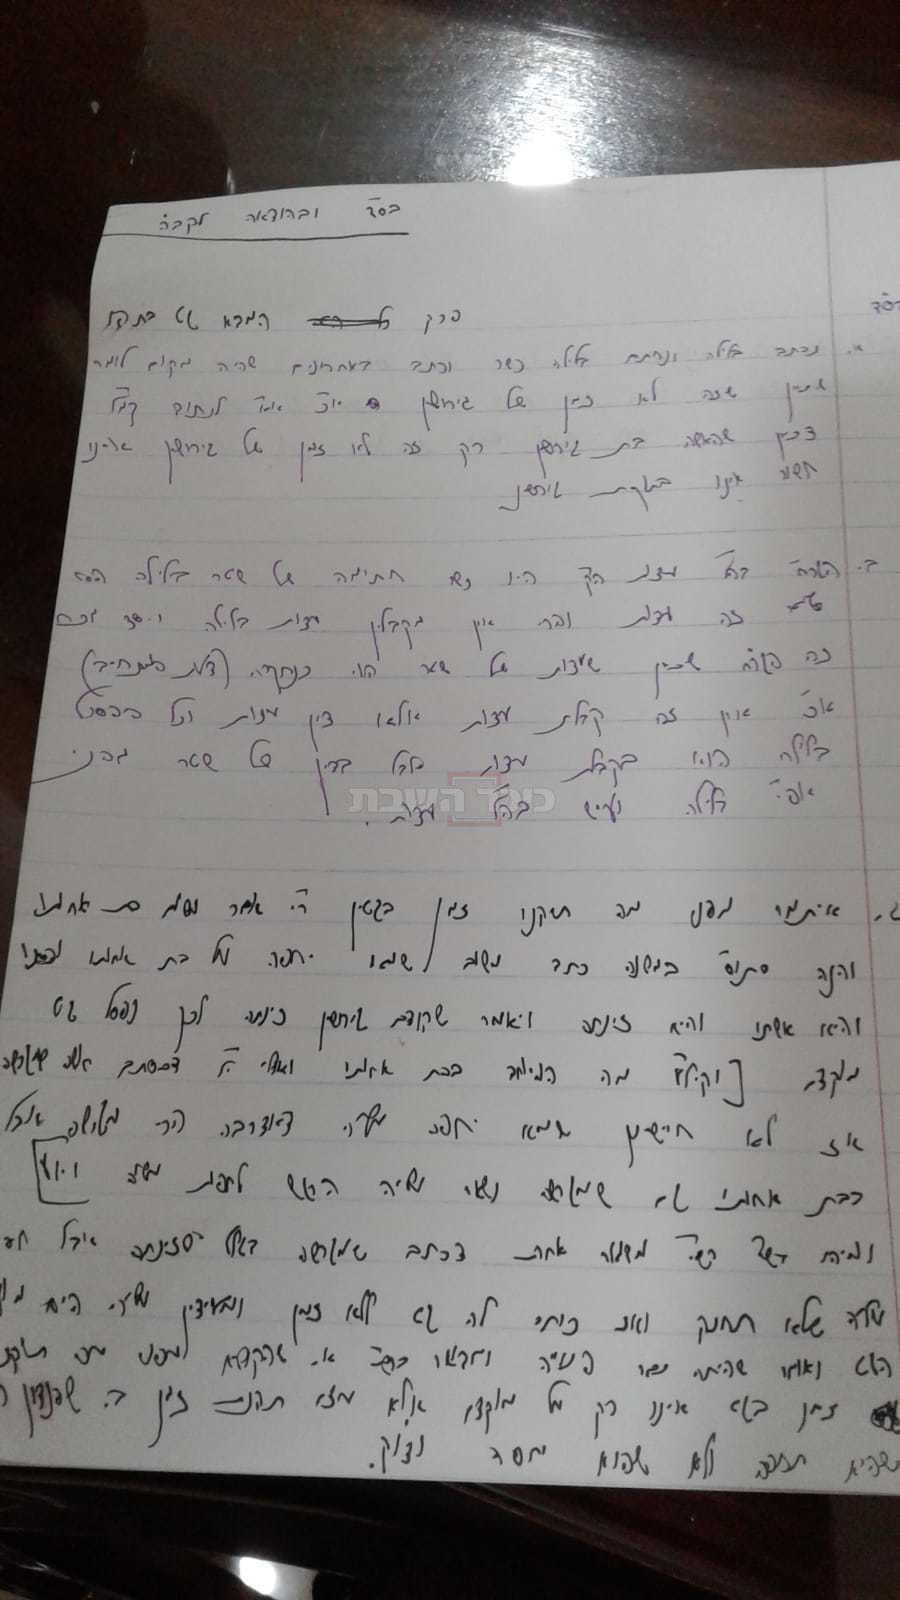 מכתב שכתב המנוח, אתמול